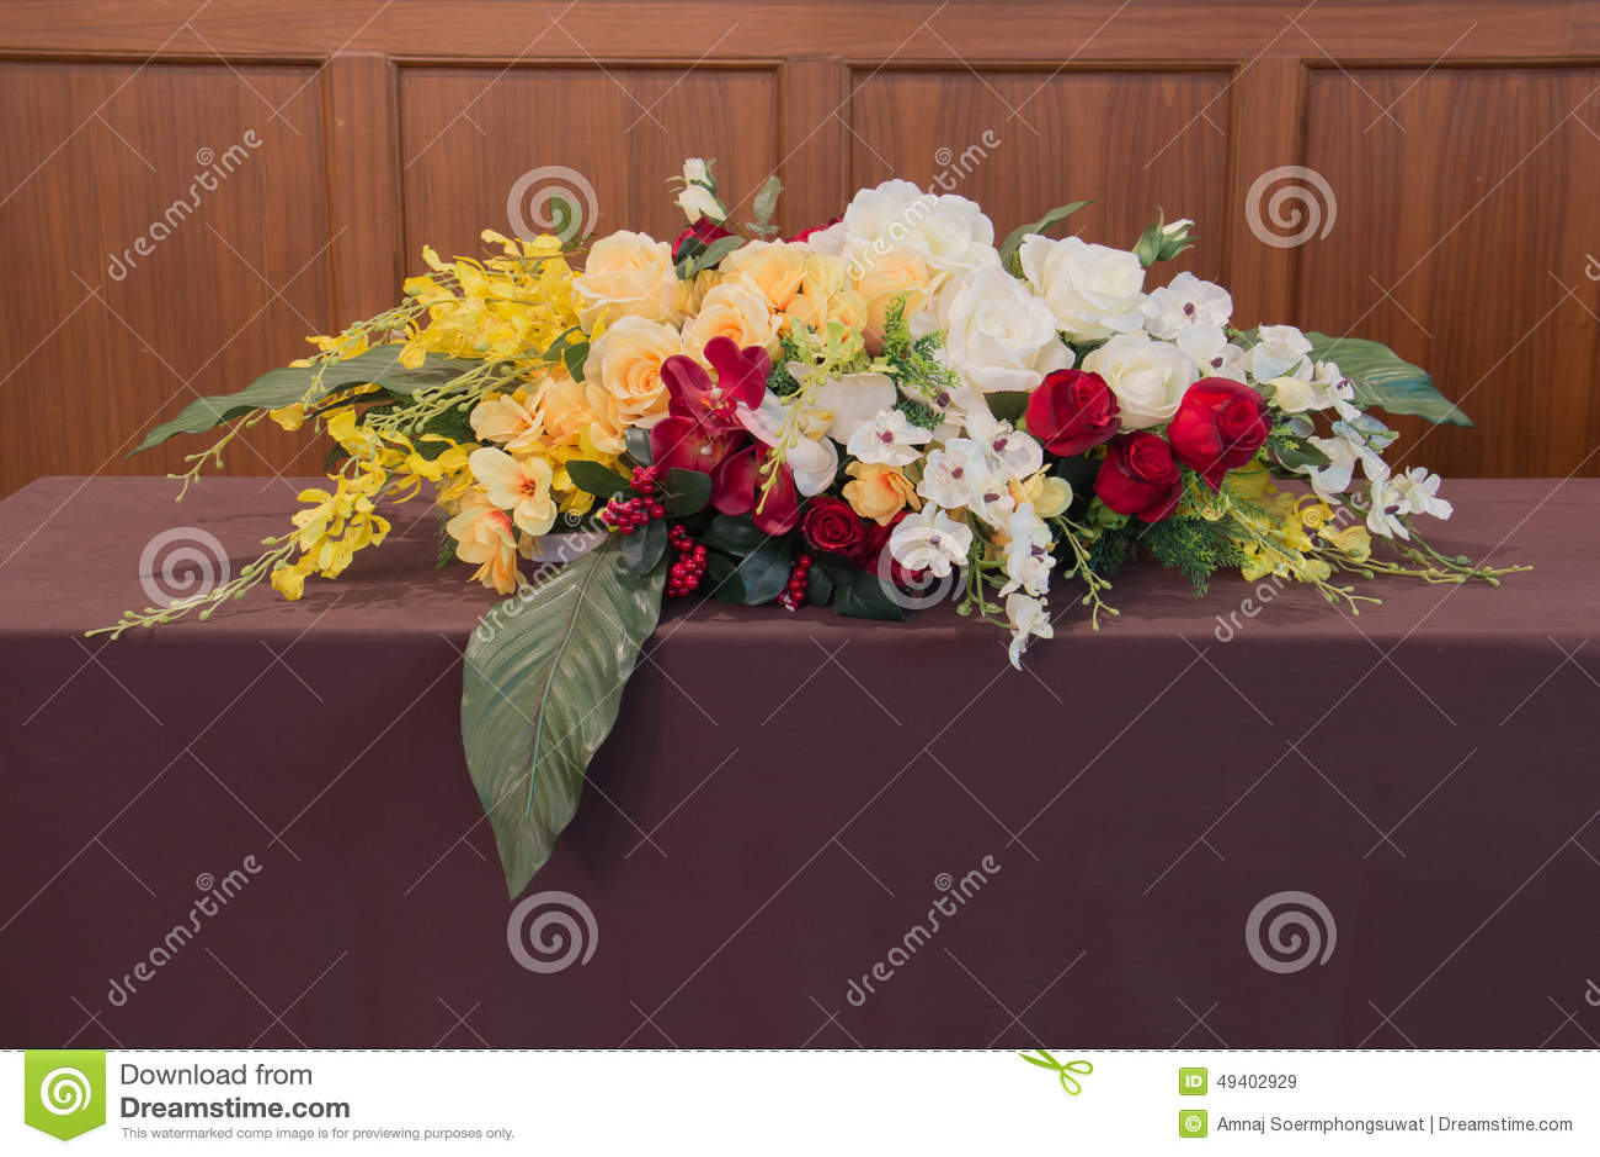 Download Blumenstrauß stockbild. Bild von hochzeit, hell, jahrestag - 49402929